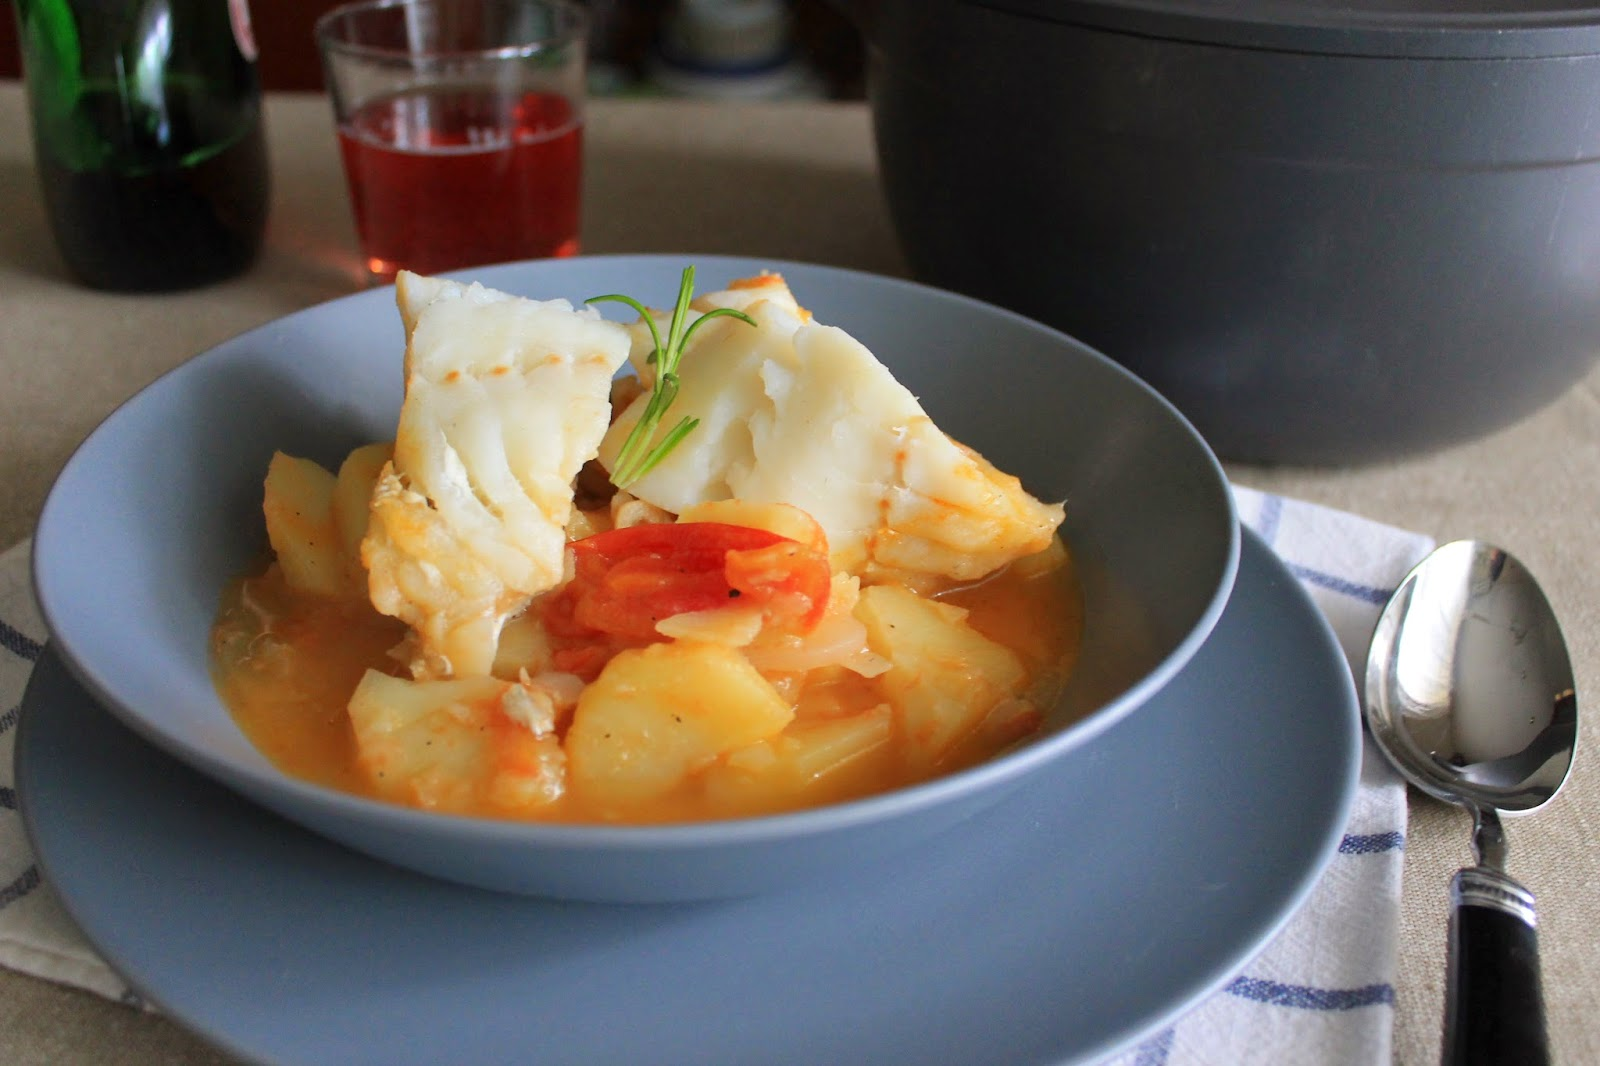 Principiando en la cocina bacalao guisado - Bacalao guisado con patatas ...